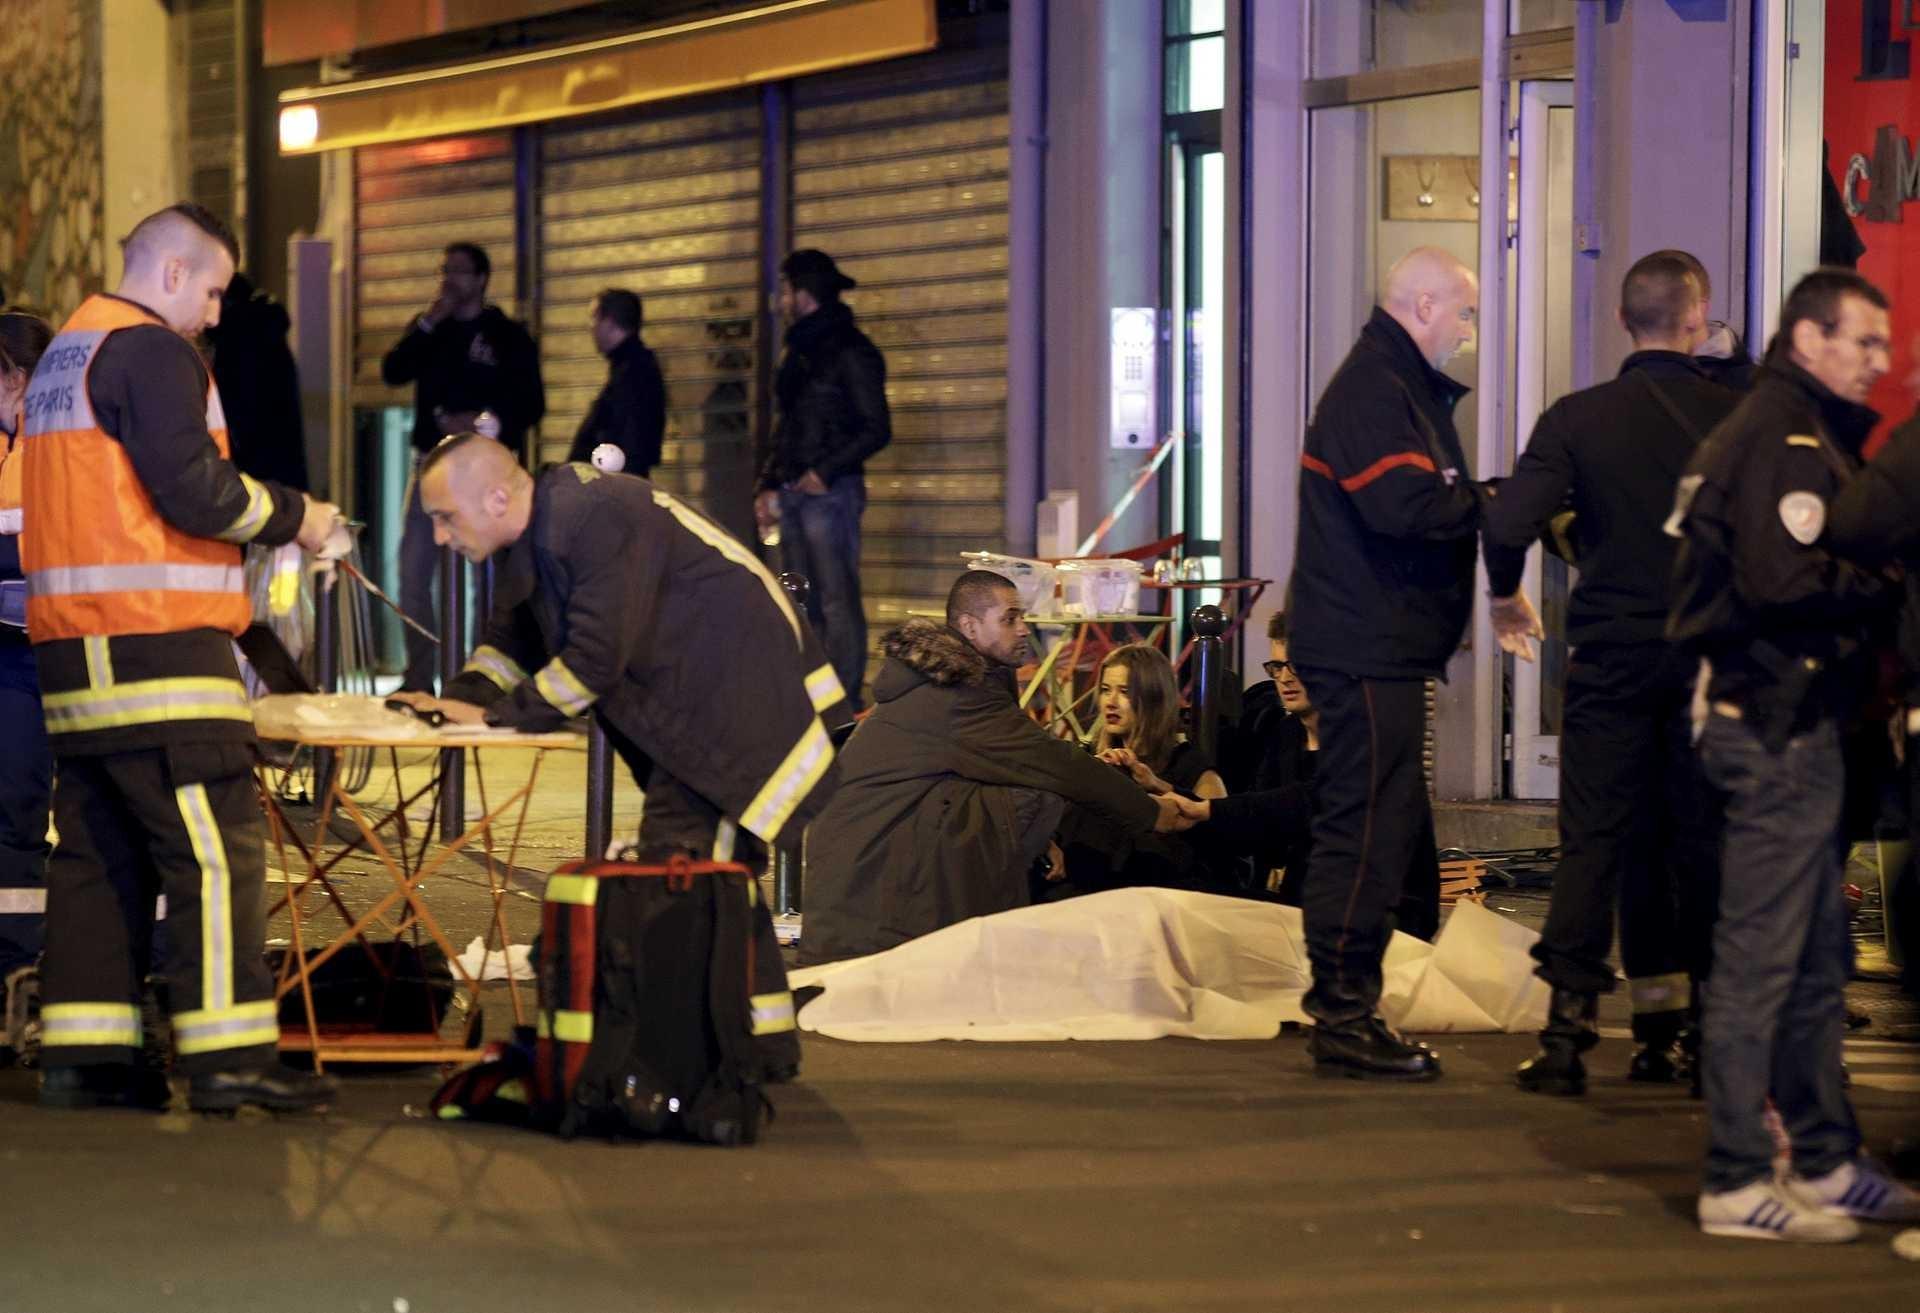 Oito terroristas mortos nos ataques de Paris após atentados que mataram mais de 140 pessoas Ng5161365